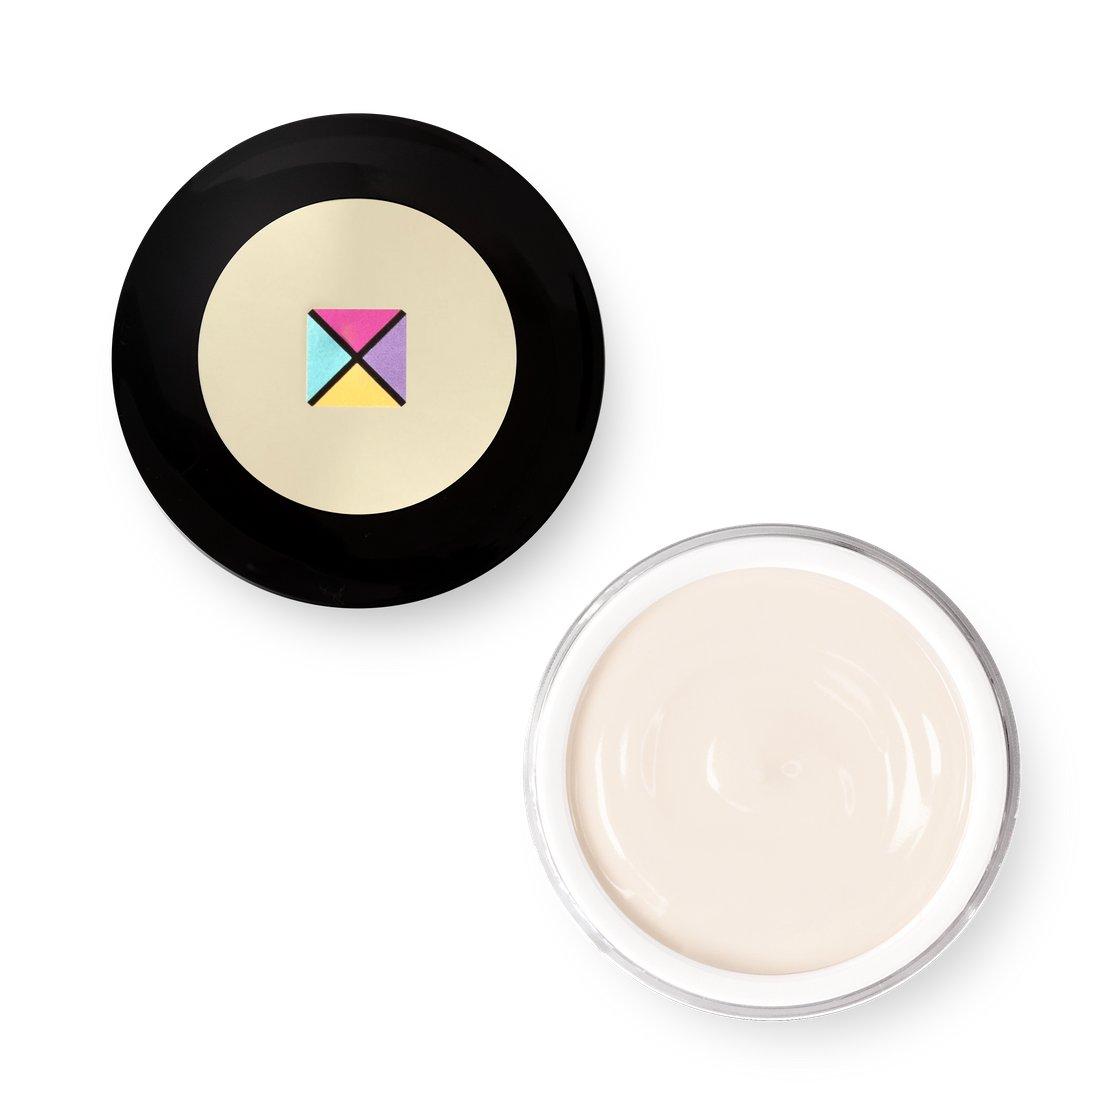 Увлажняющий иллюминирующий крем с эффектом «второй кожи», 50 мл фото